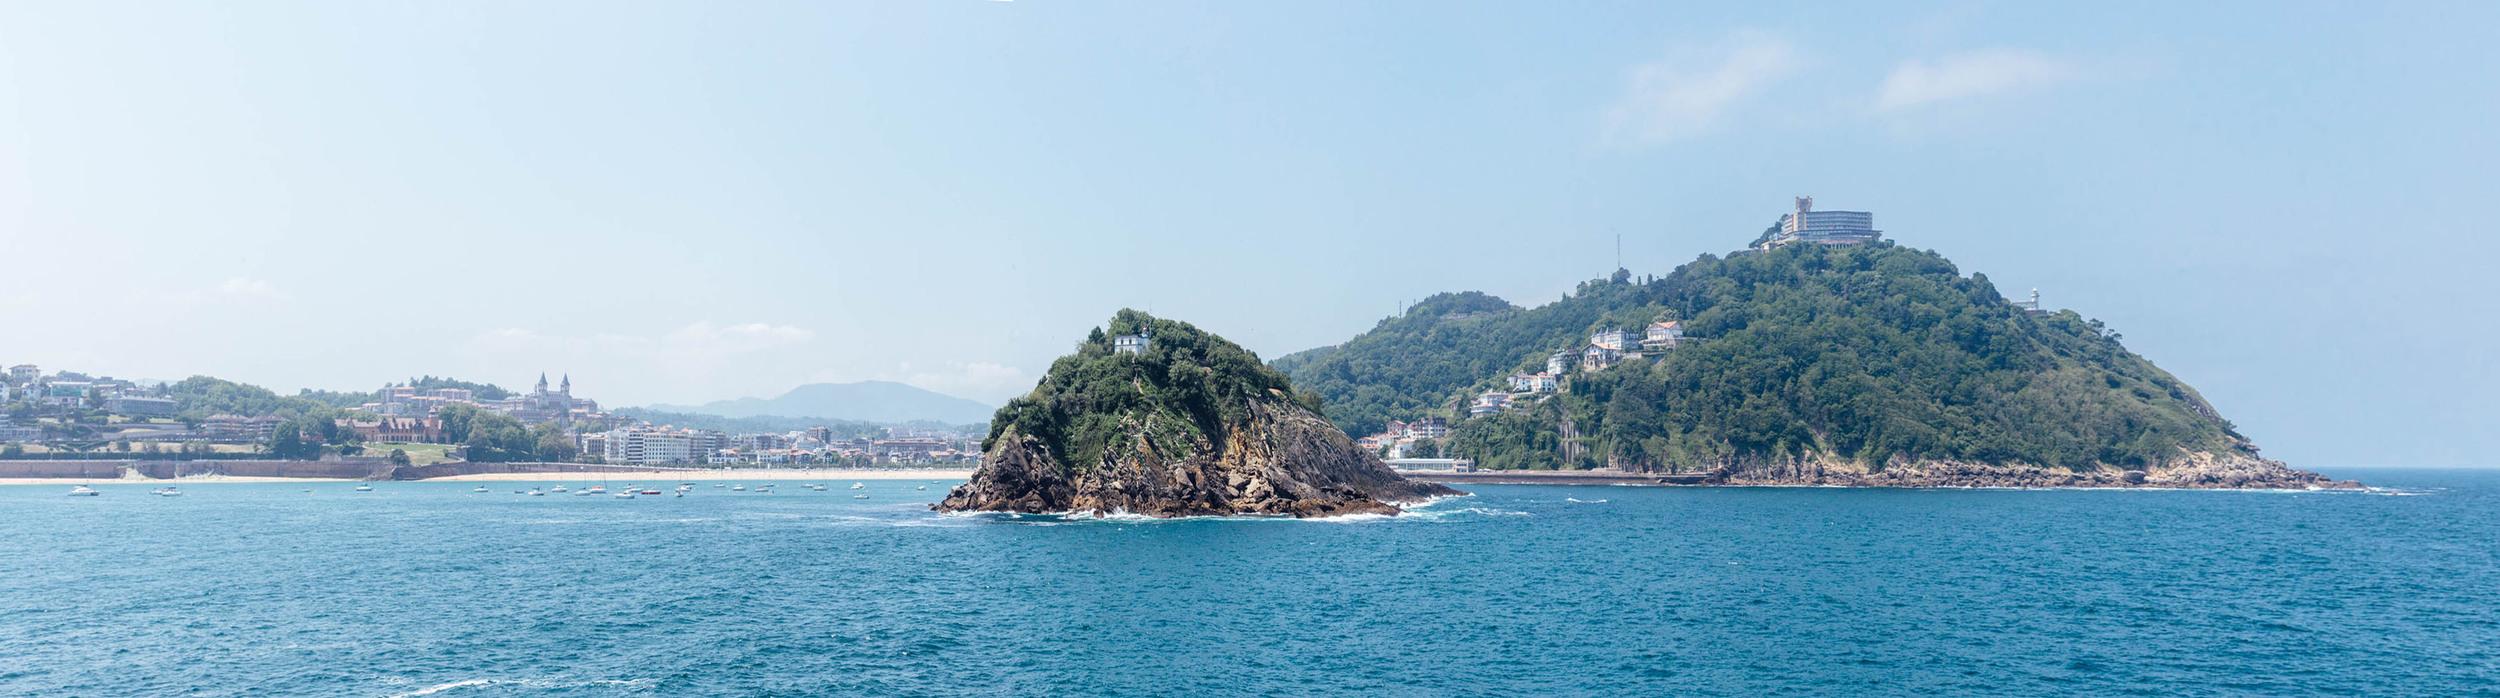 La belleza de San Sebastián